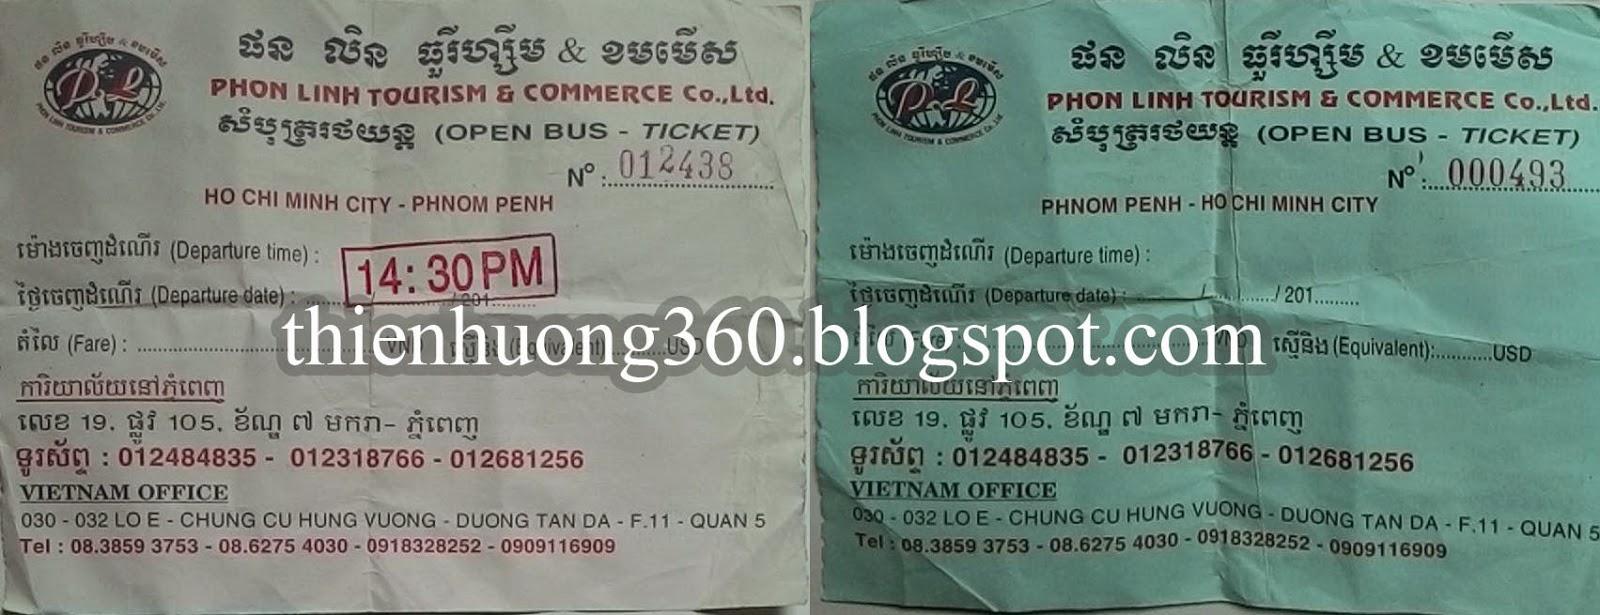 Vé xe Phon Linh từ Hồ Chí Minh sang Phnompenh